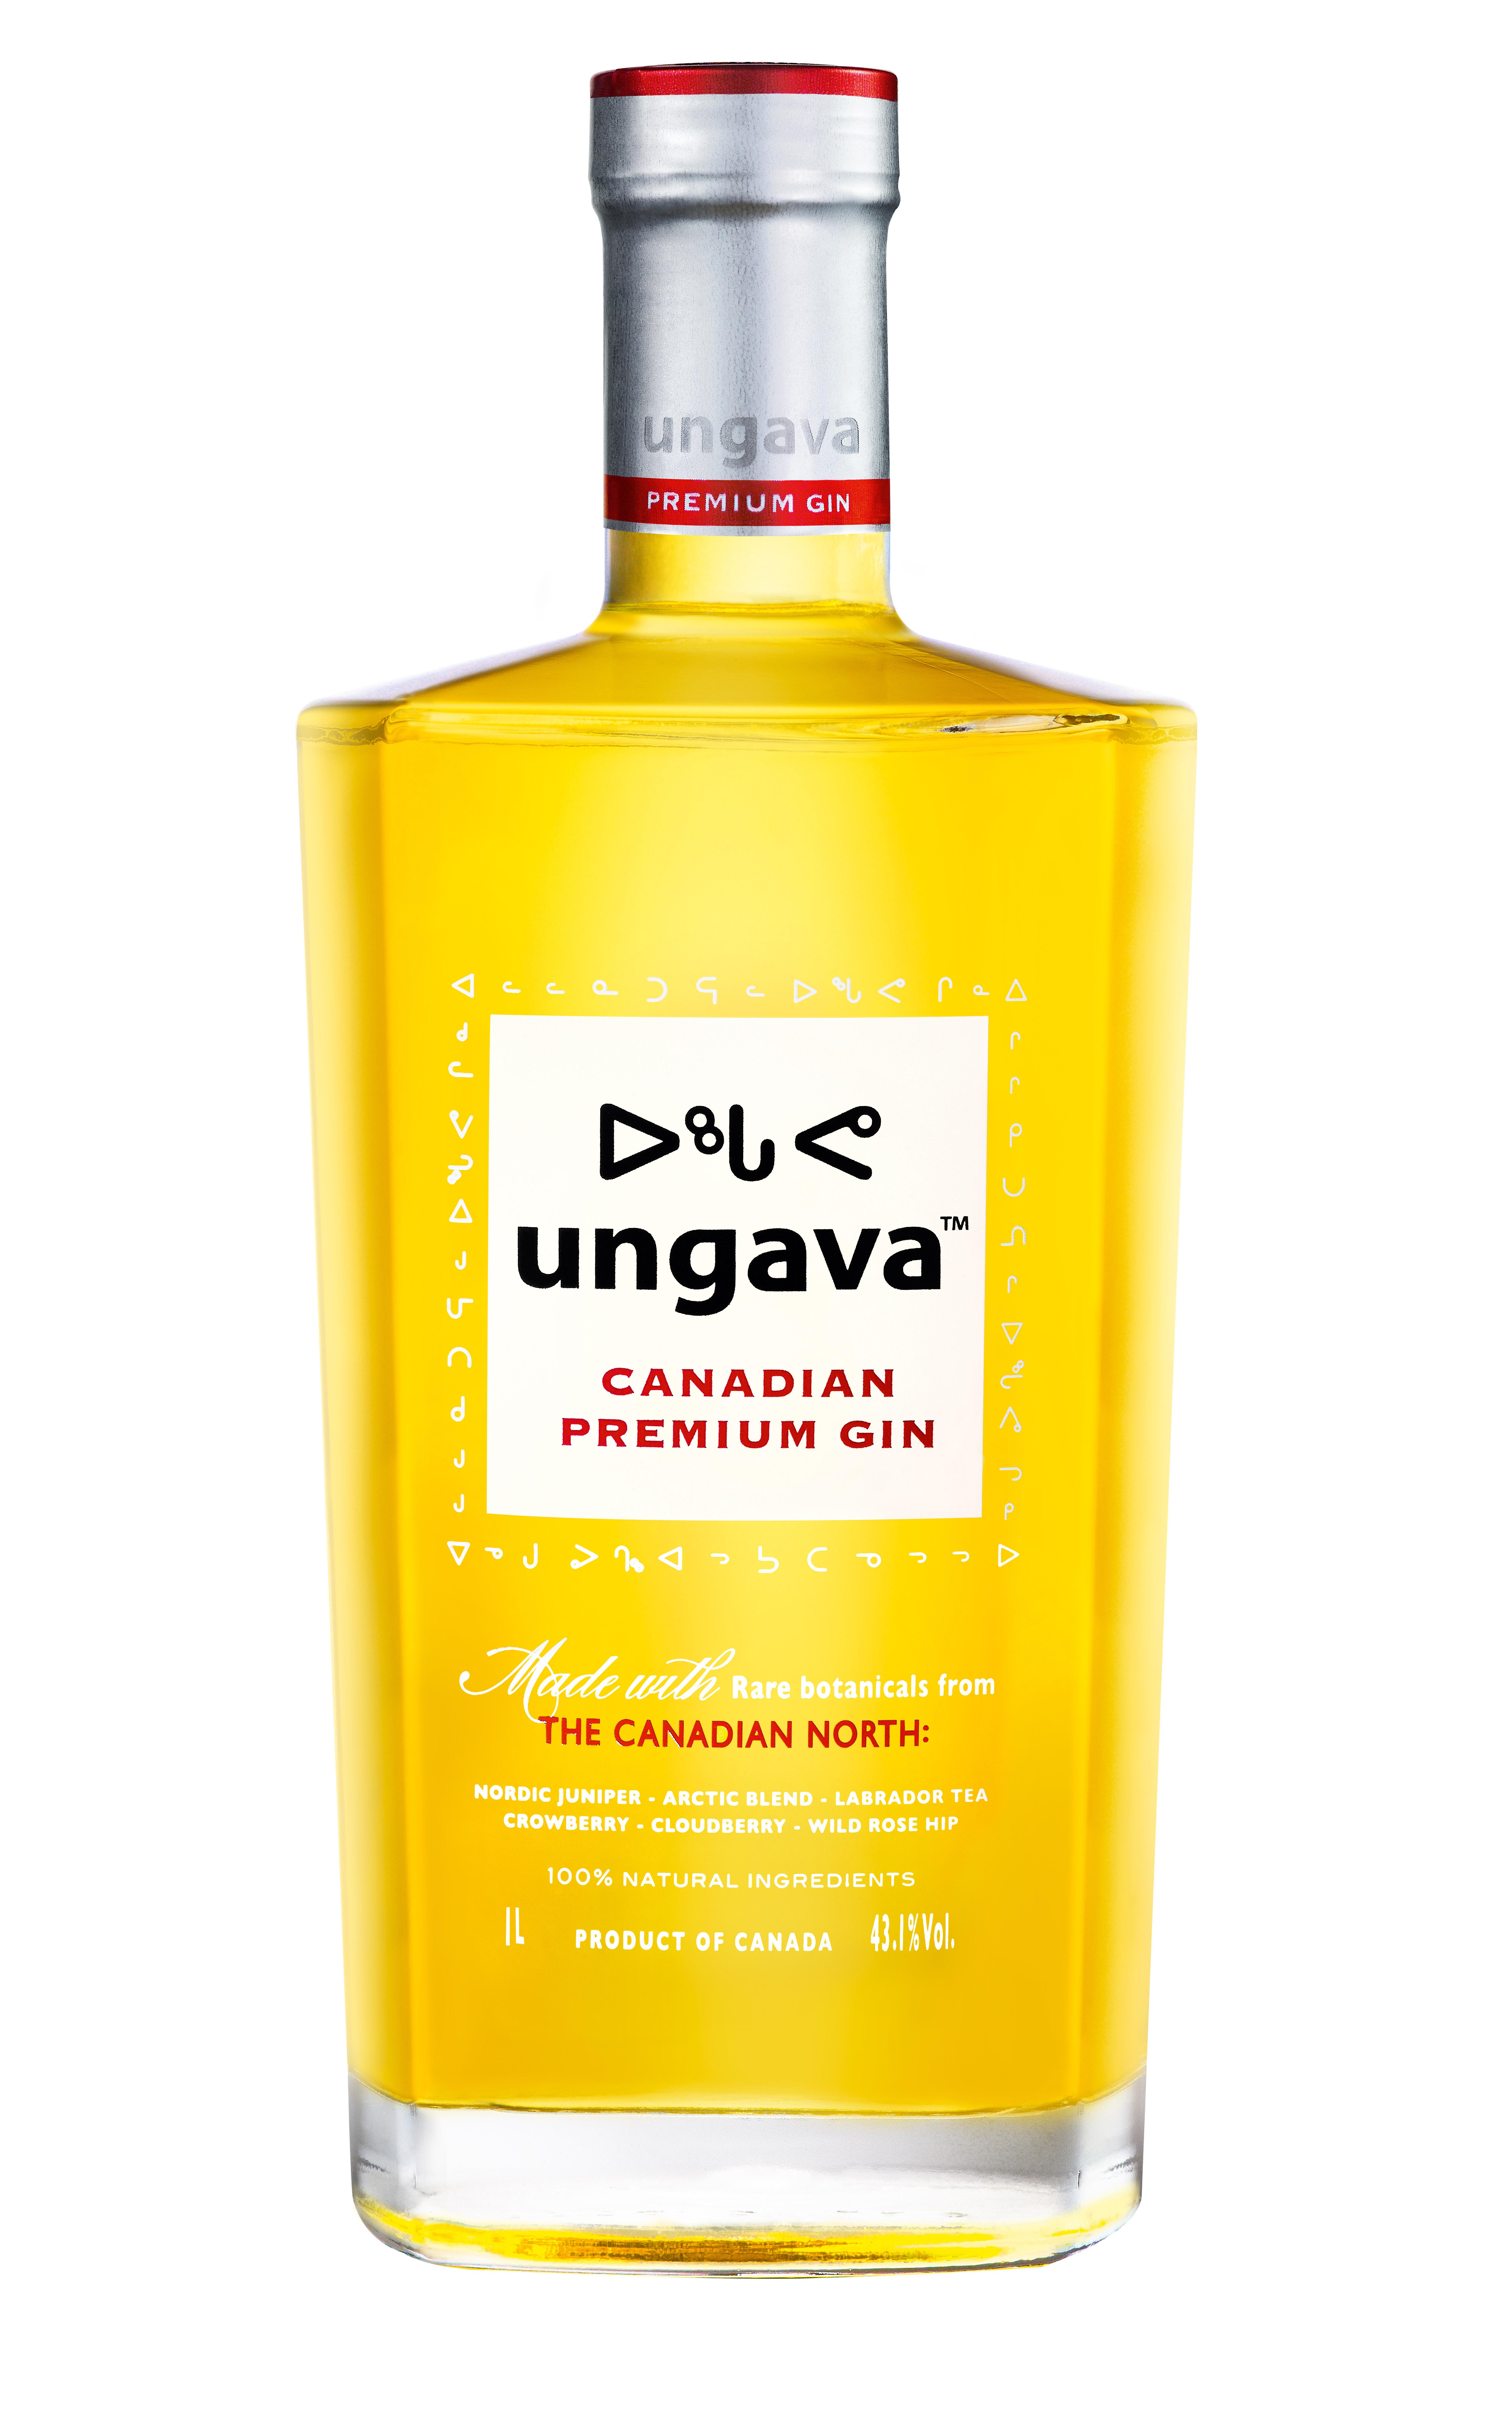 Ungava Premium Gin